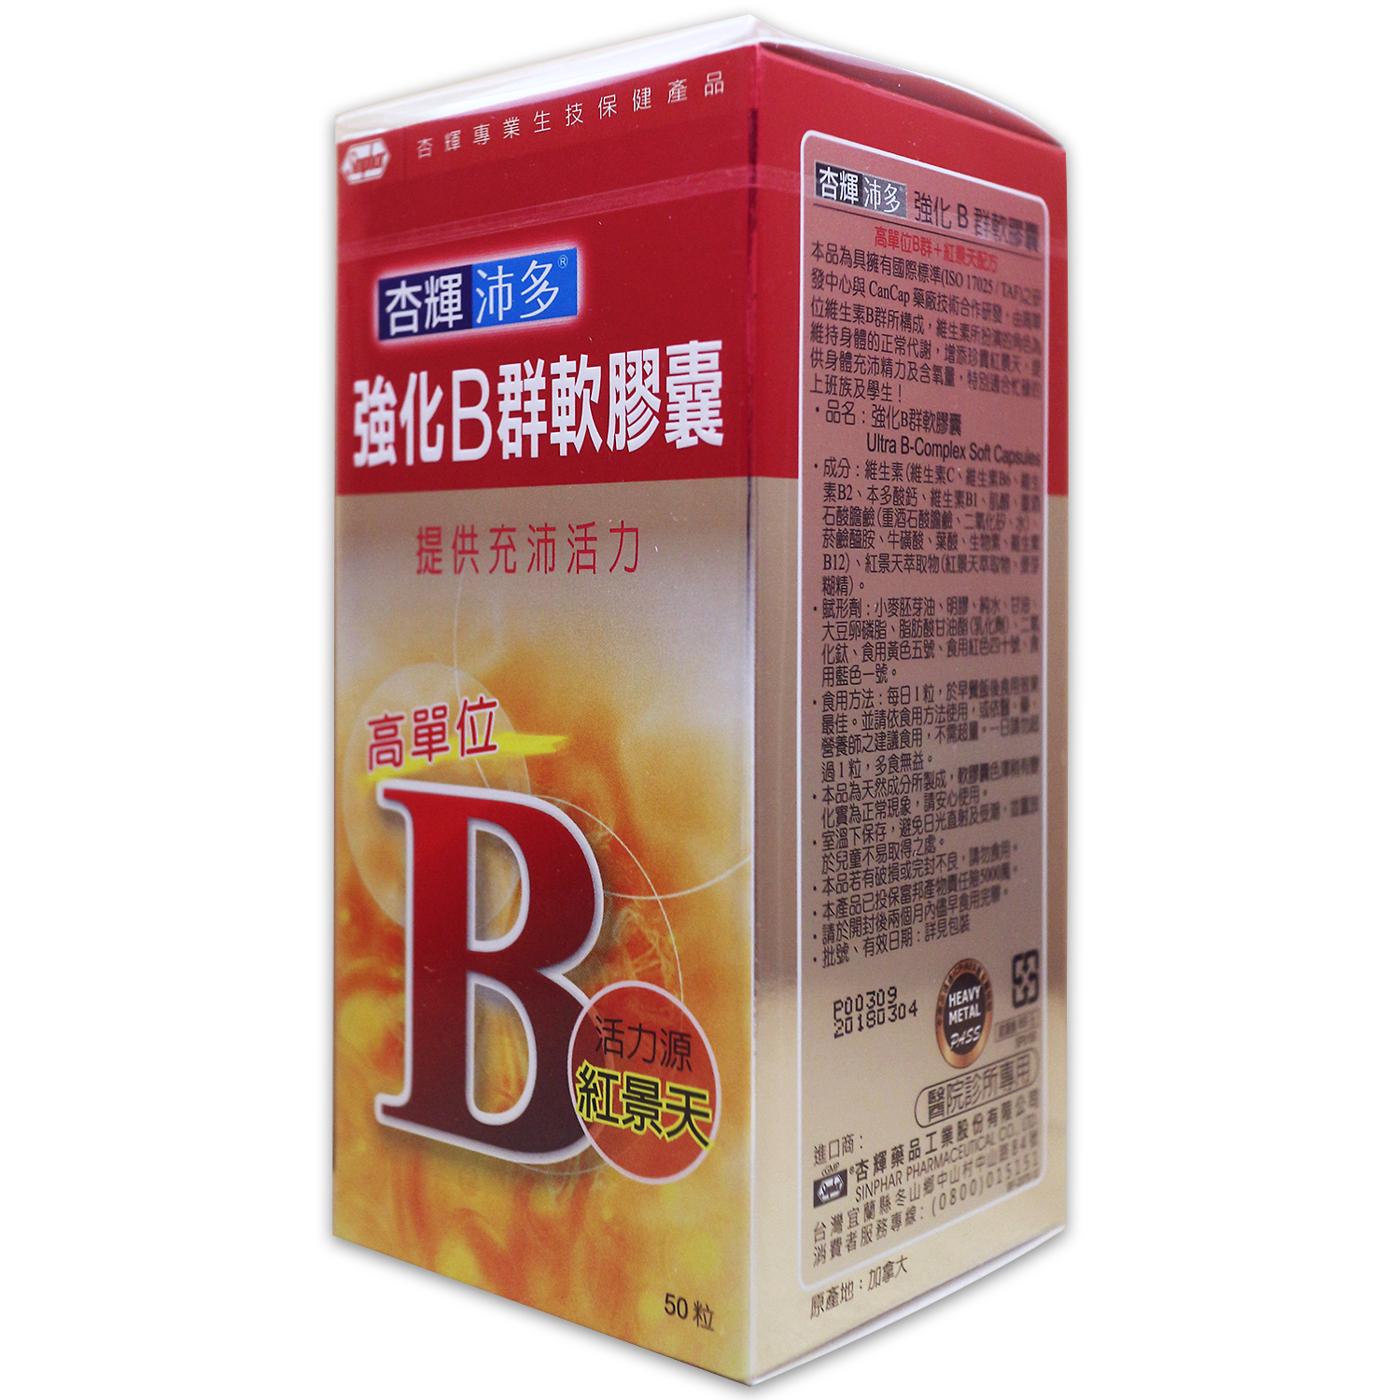 杏輝沛多強化B群軟膠囊50粒公司貨中文標PG美妝